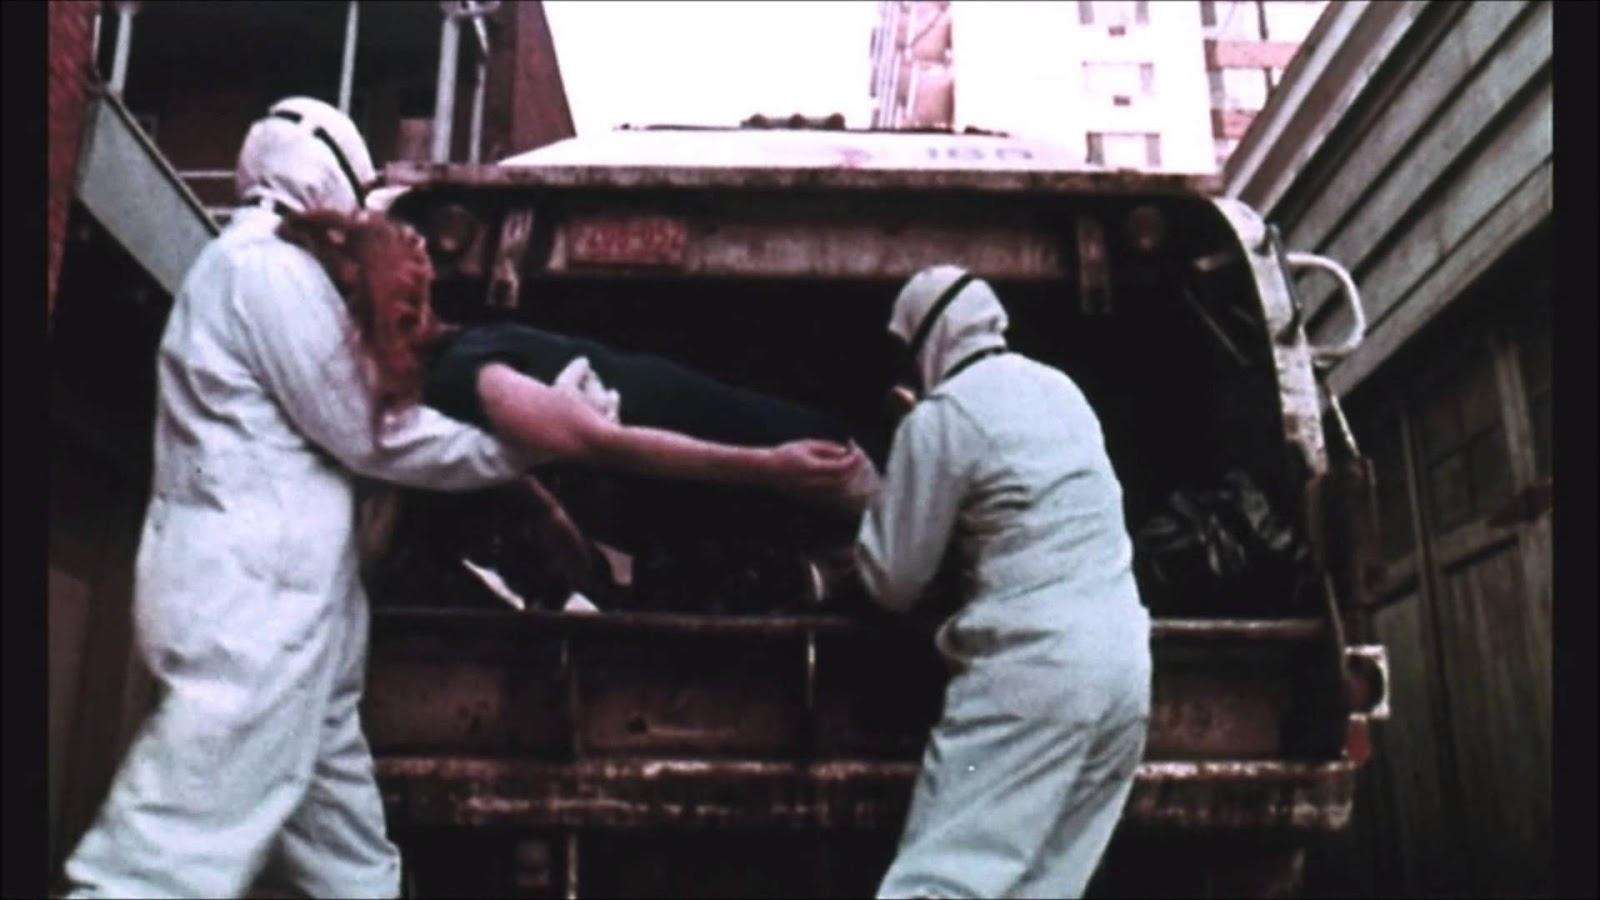 rabid-1977-movie-still2.jpg